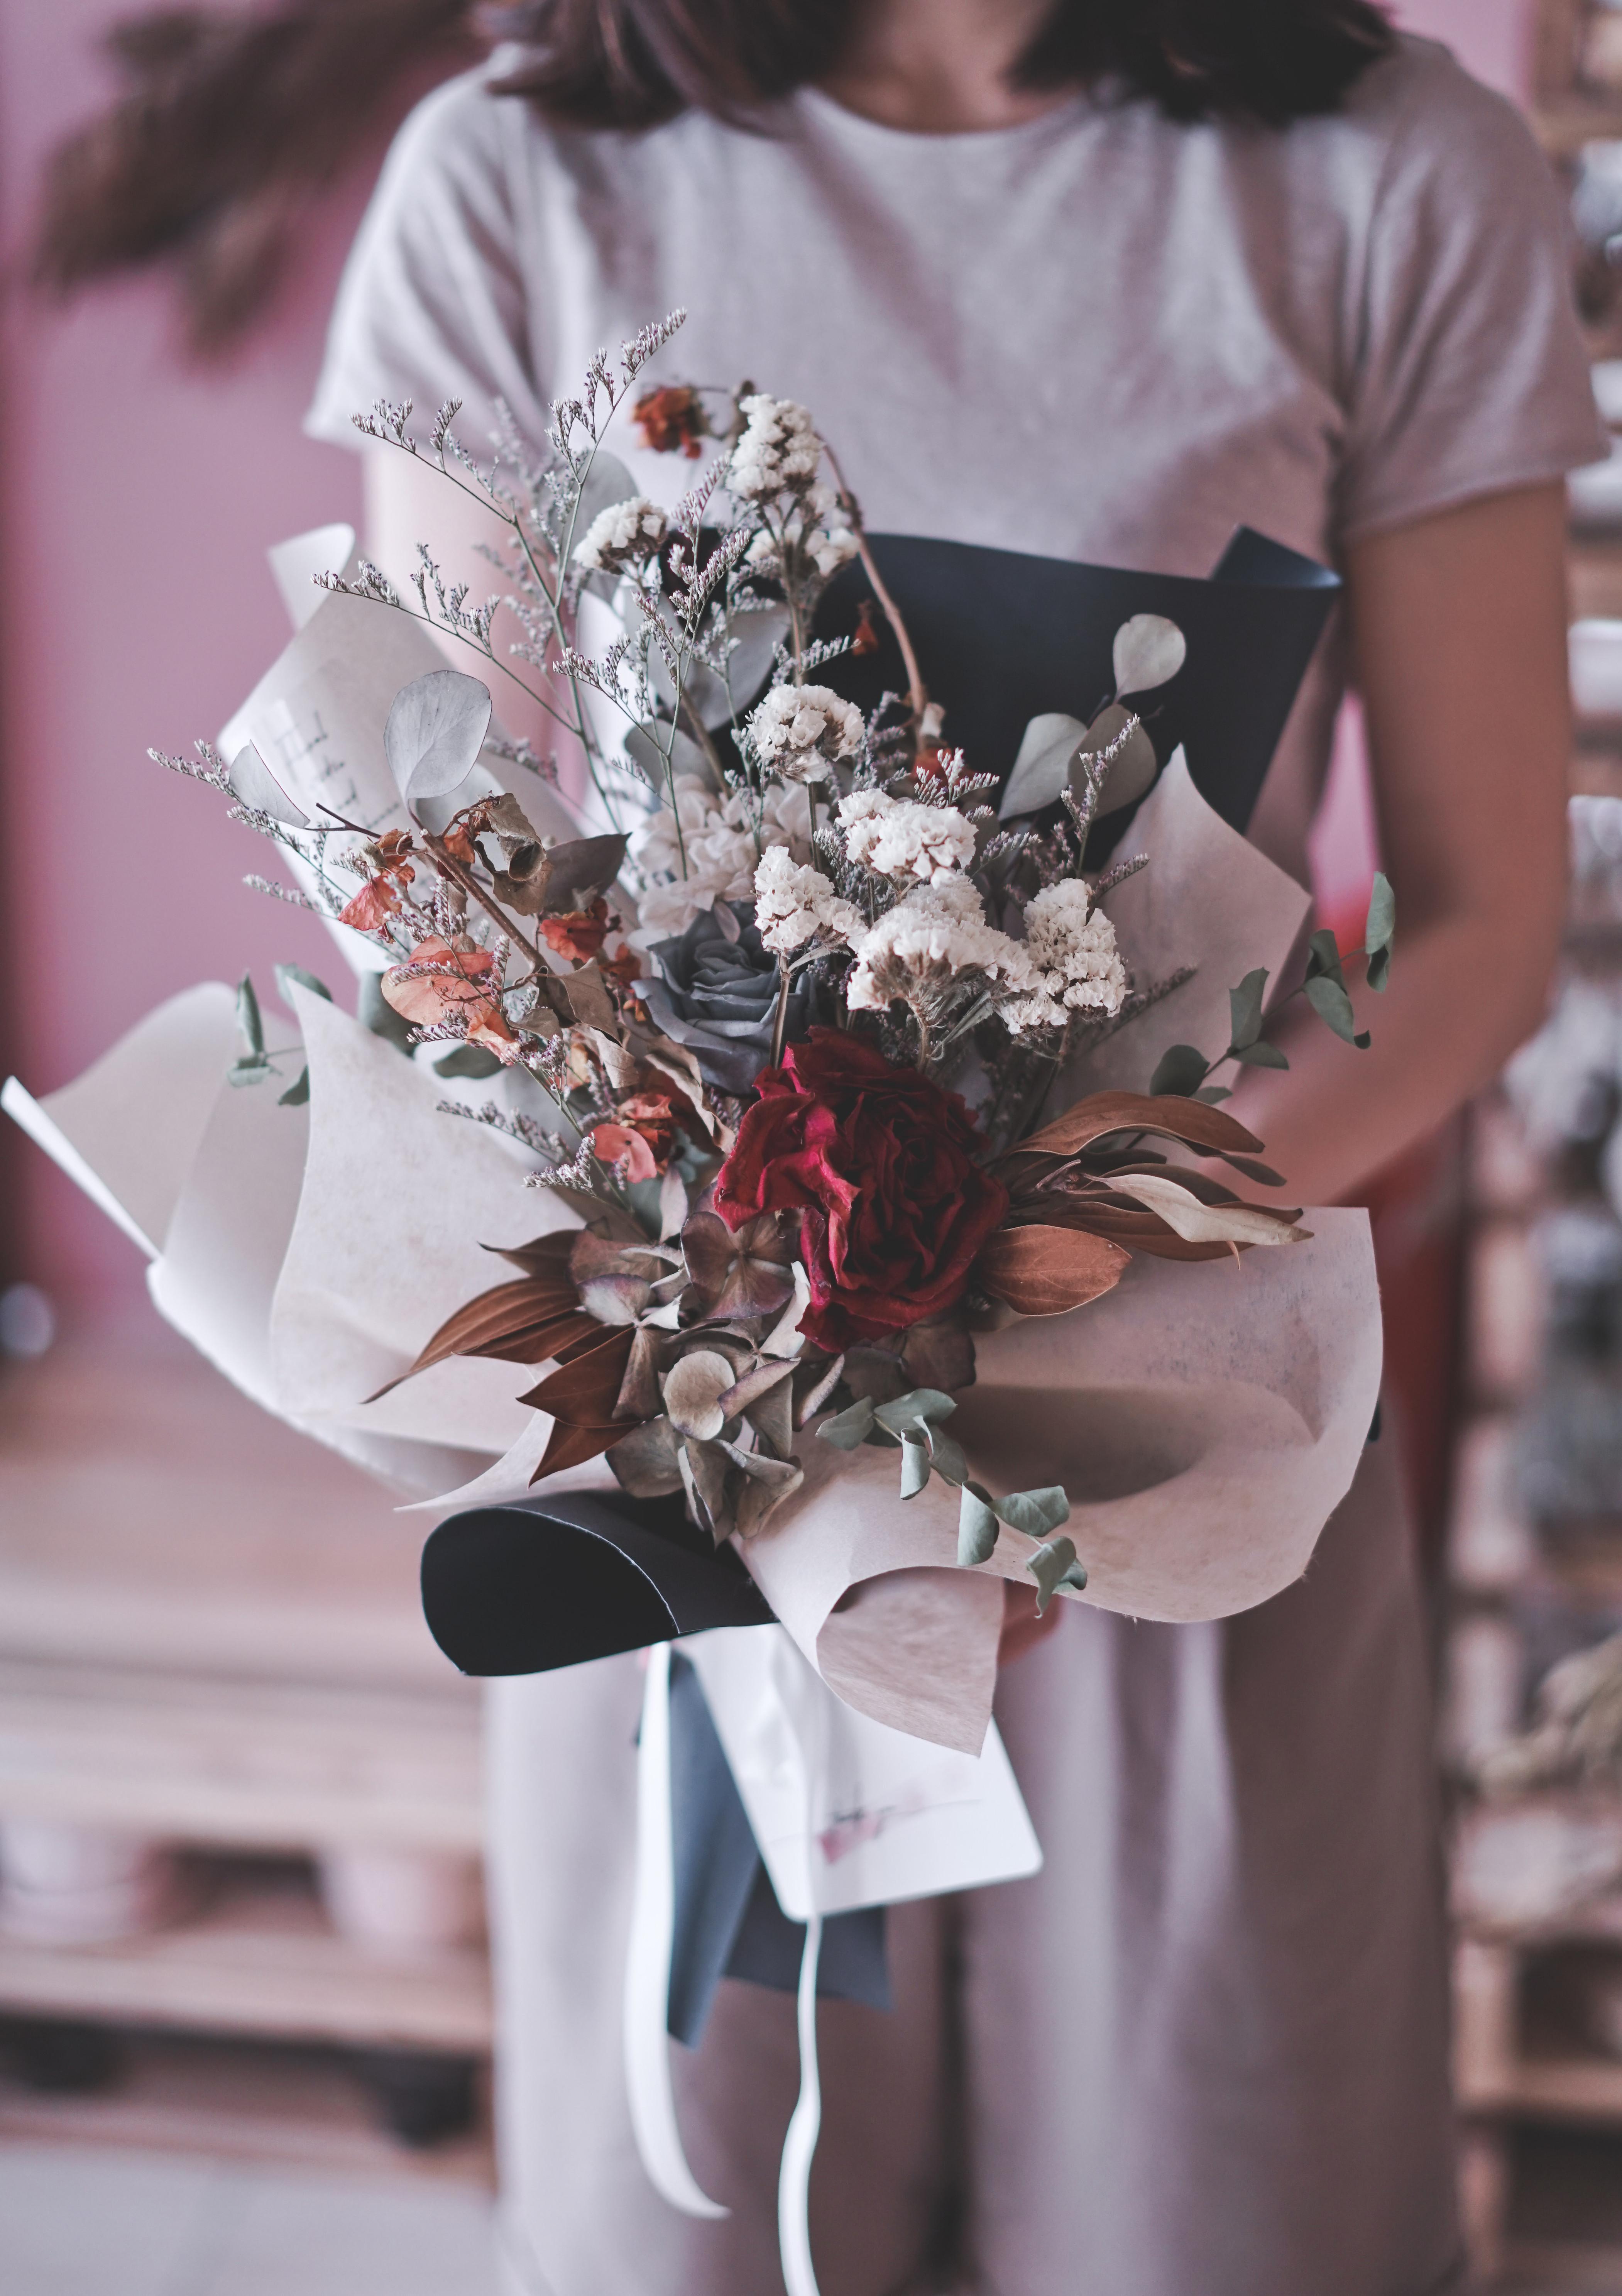 花束包裝 | 單品課